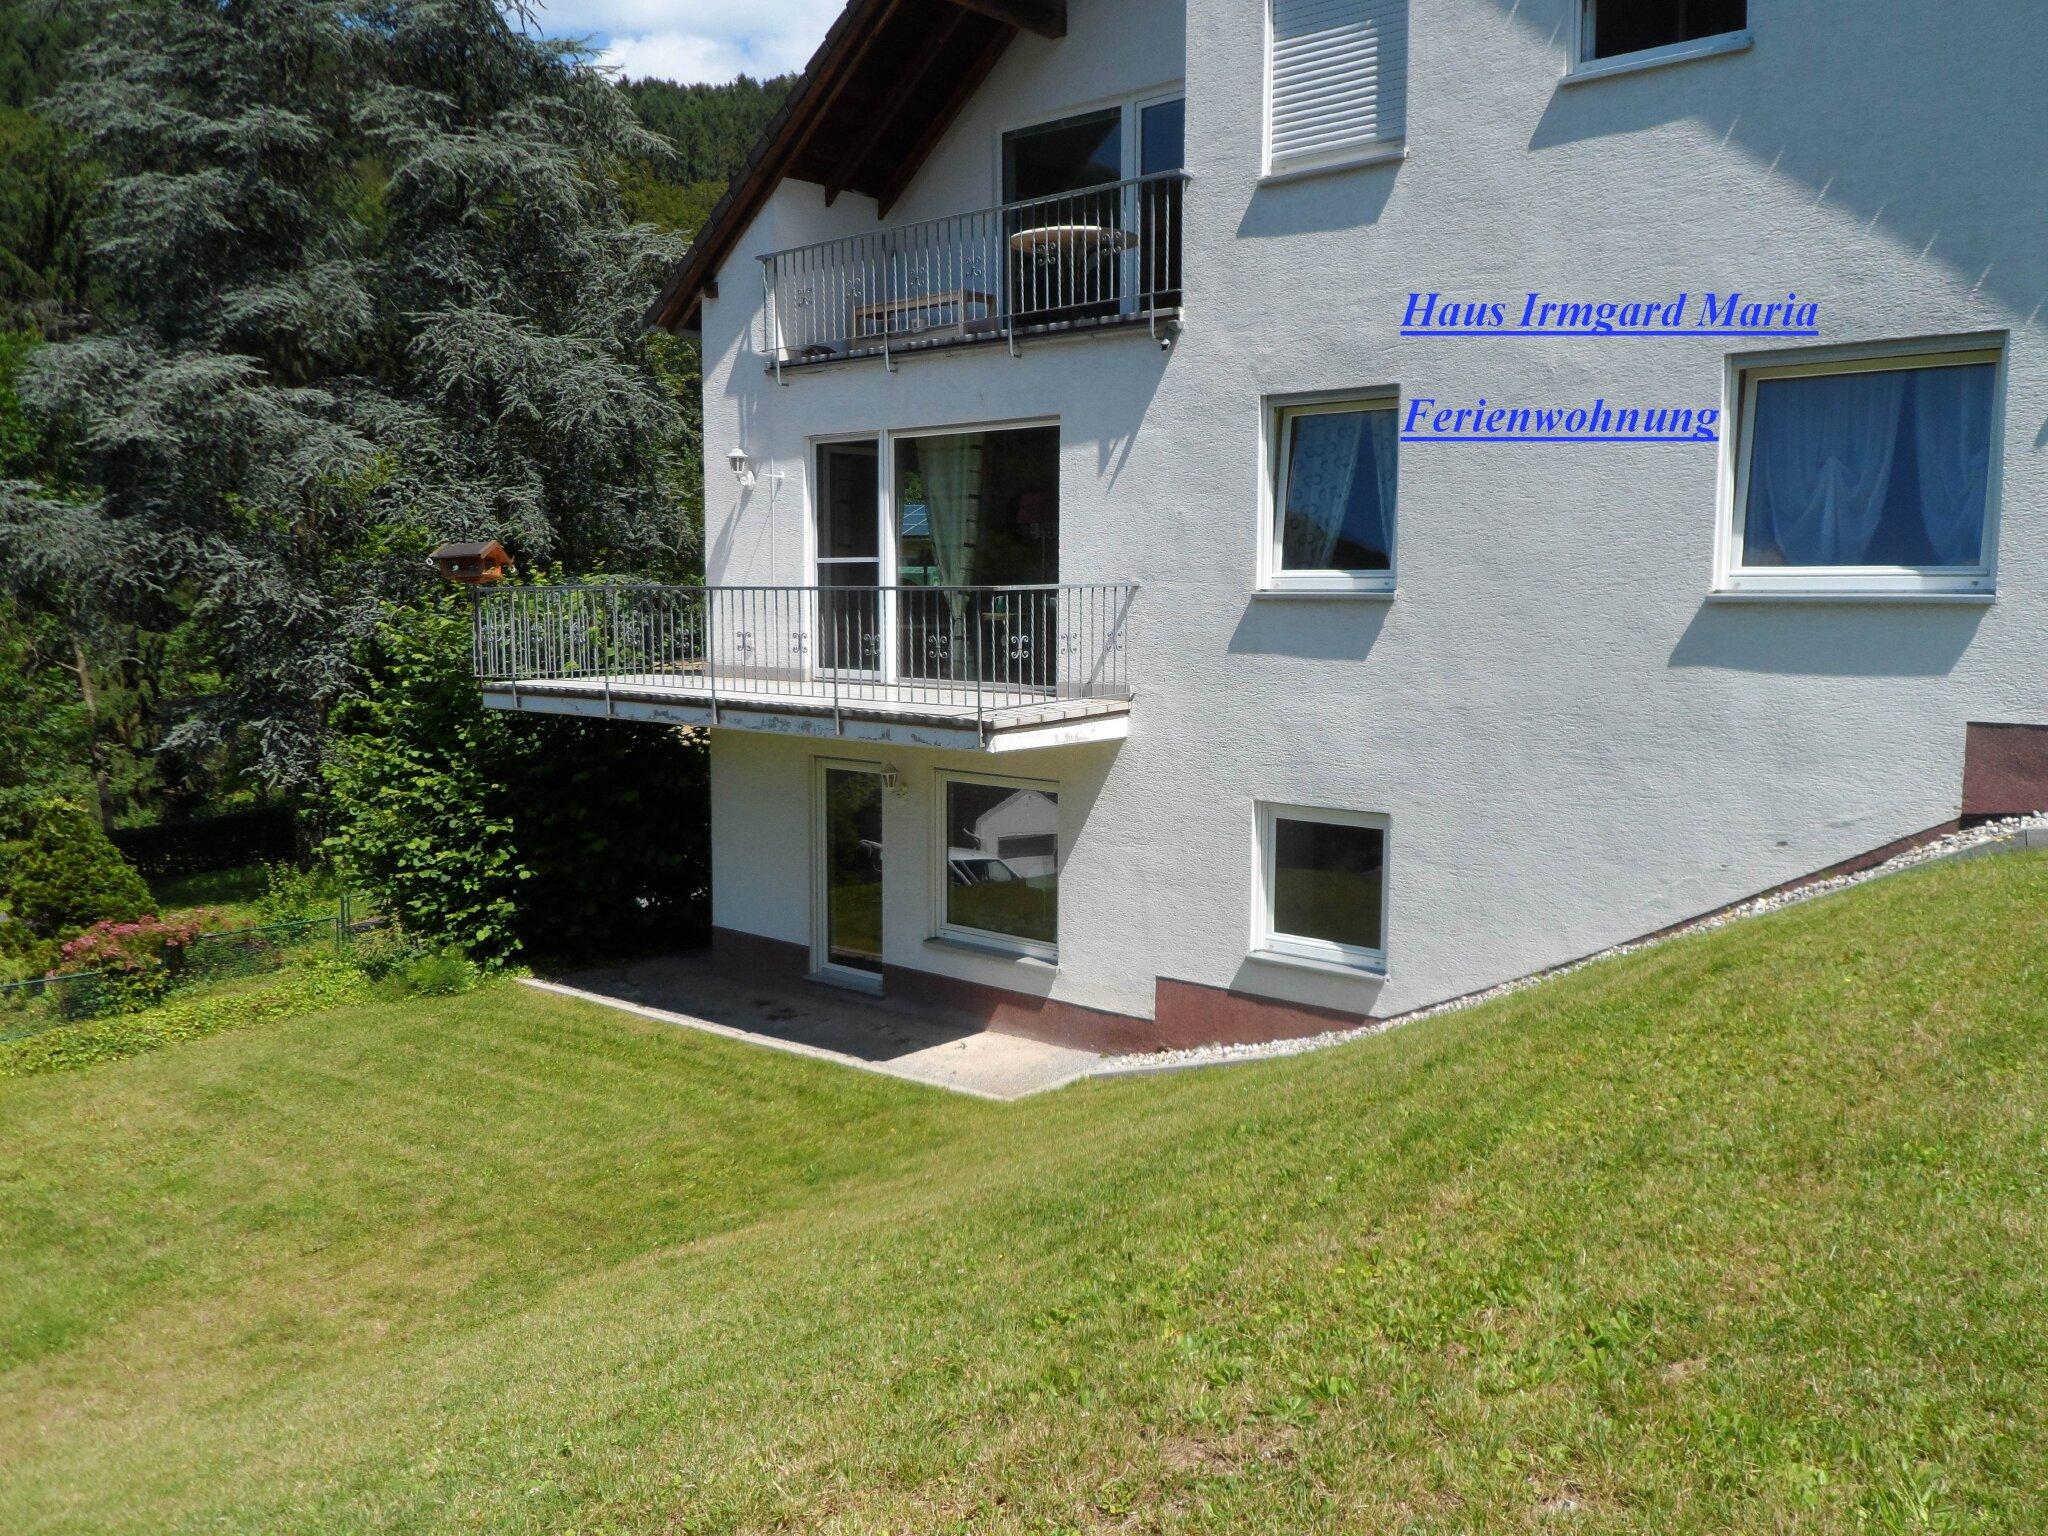 Ferienwohnung Haus Irmgard Maria